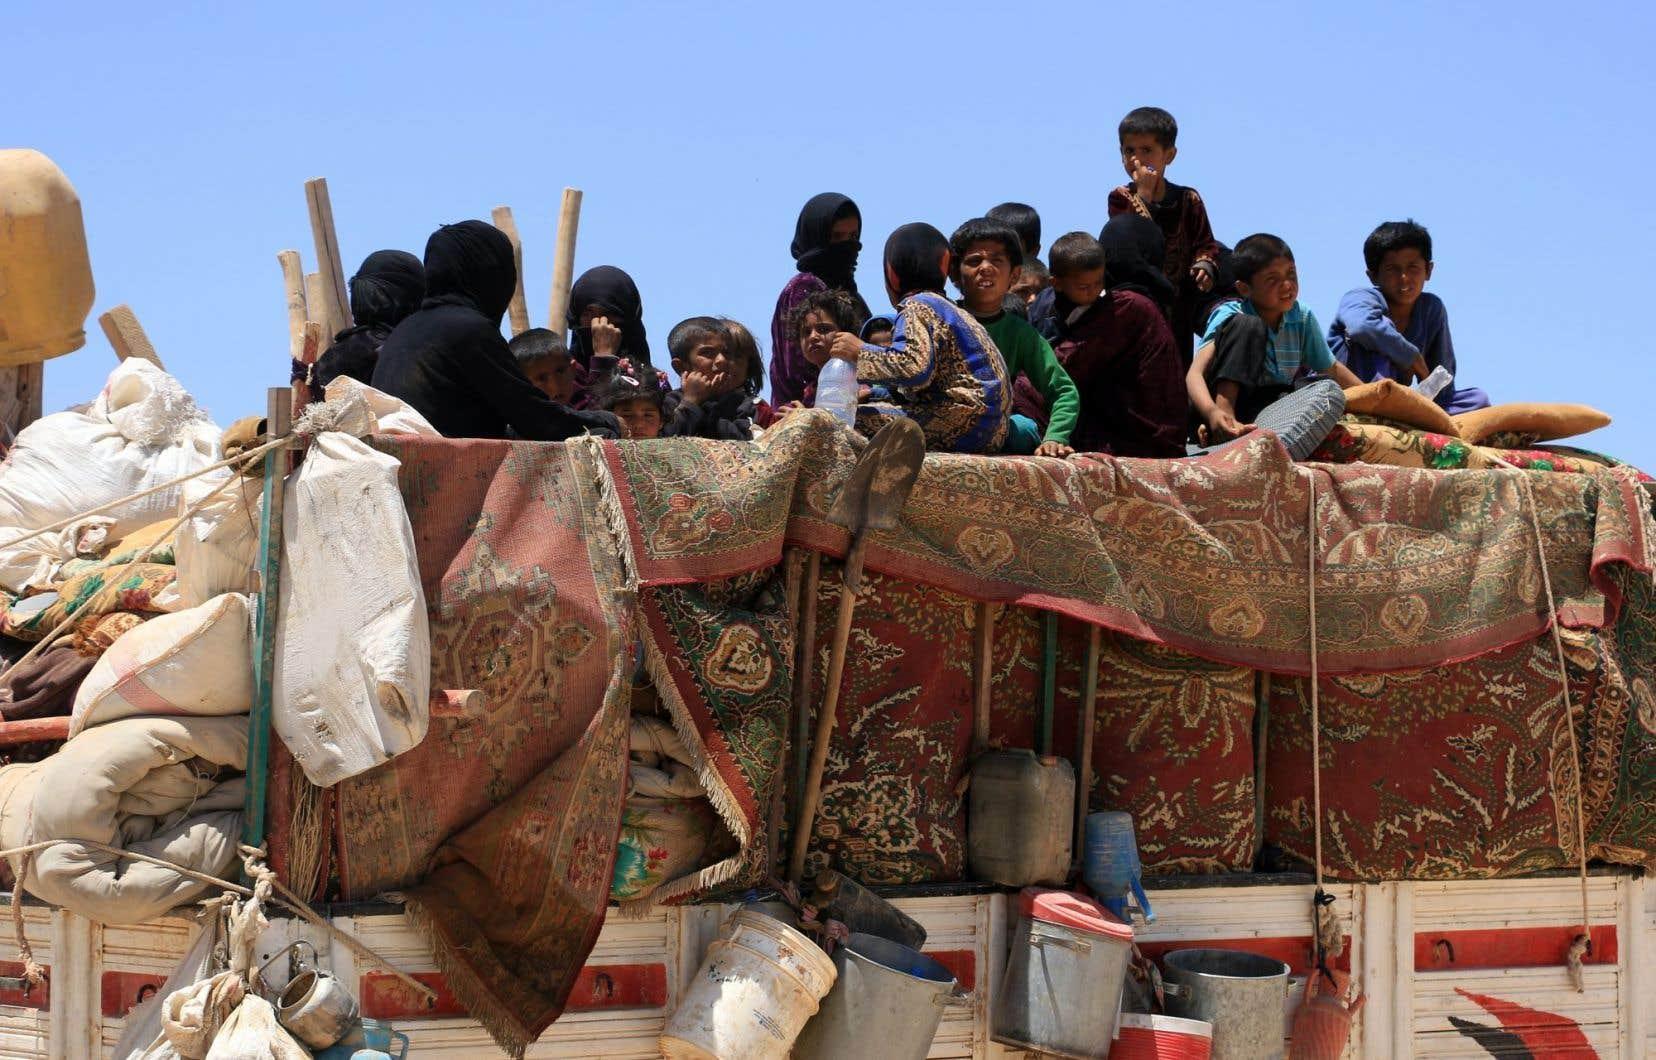 En six ans, la guerre en Syrie a causé la mort de plus de 320 000 personnes, chassant plus de la moitié des Syriens de leurs foyers.